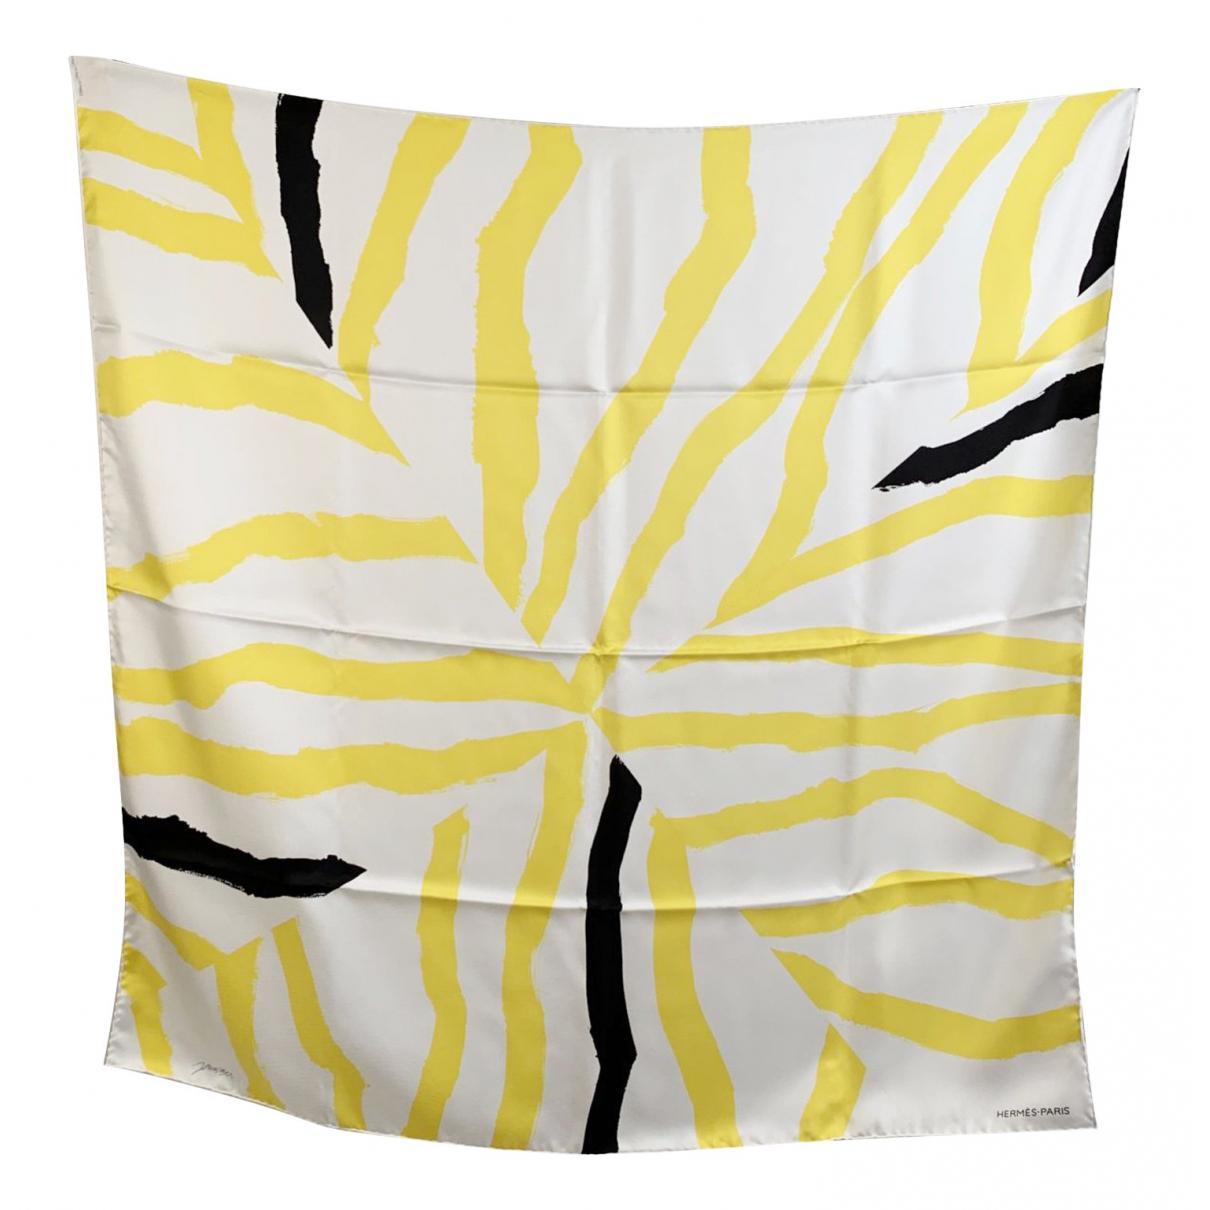 Hermes - Foulard   pour femme en soie - jaune